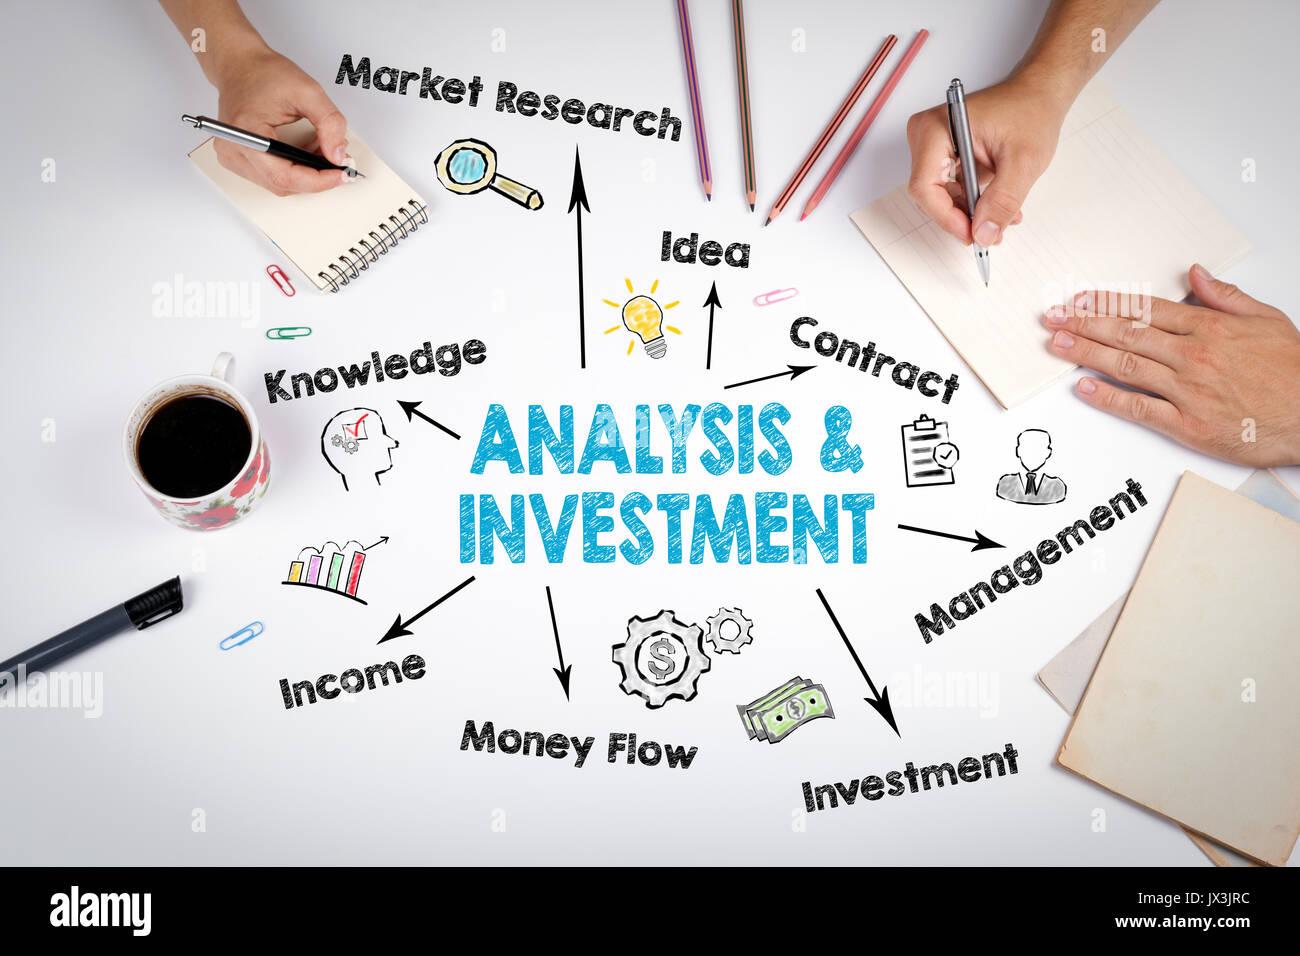 Concepto de inversión y análisis. gráfico con iconos y palabras clave. Imagen De Stock